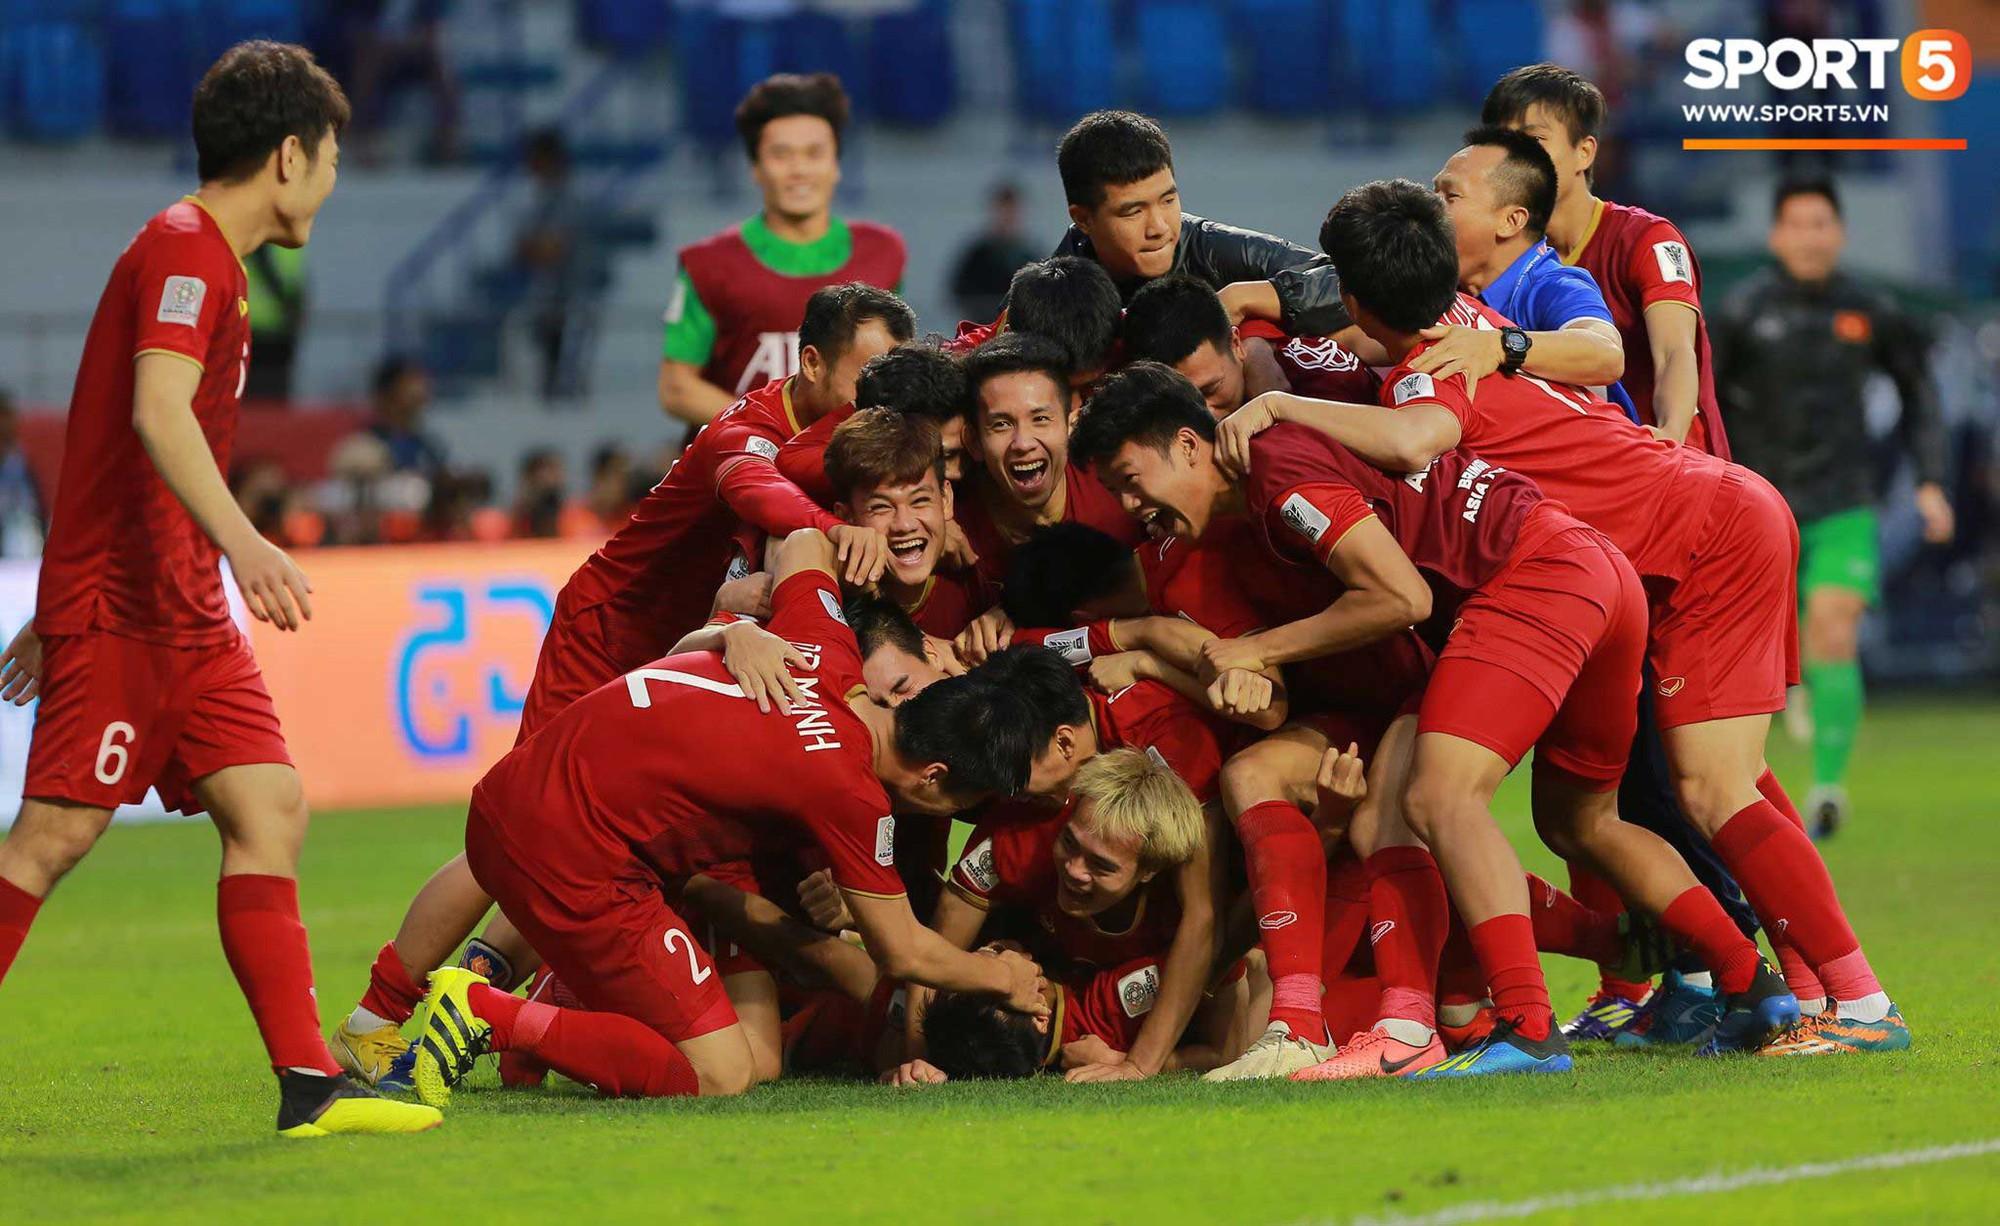 Dân mạng các nước từng chịu thua trước tuyển Việt Nam gửi lời chúc mừng chiến thắng lịch sử - Ảnh 1.